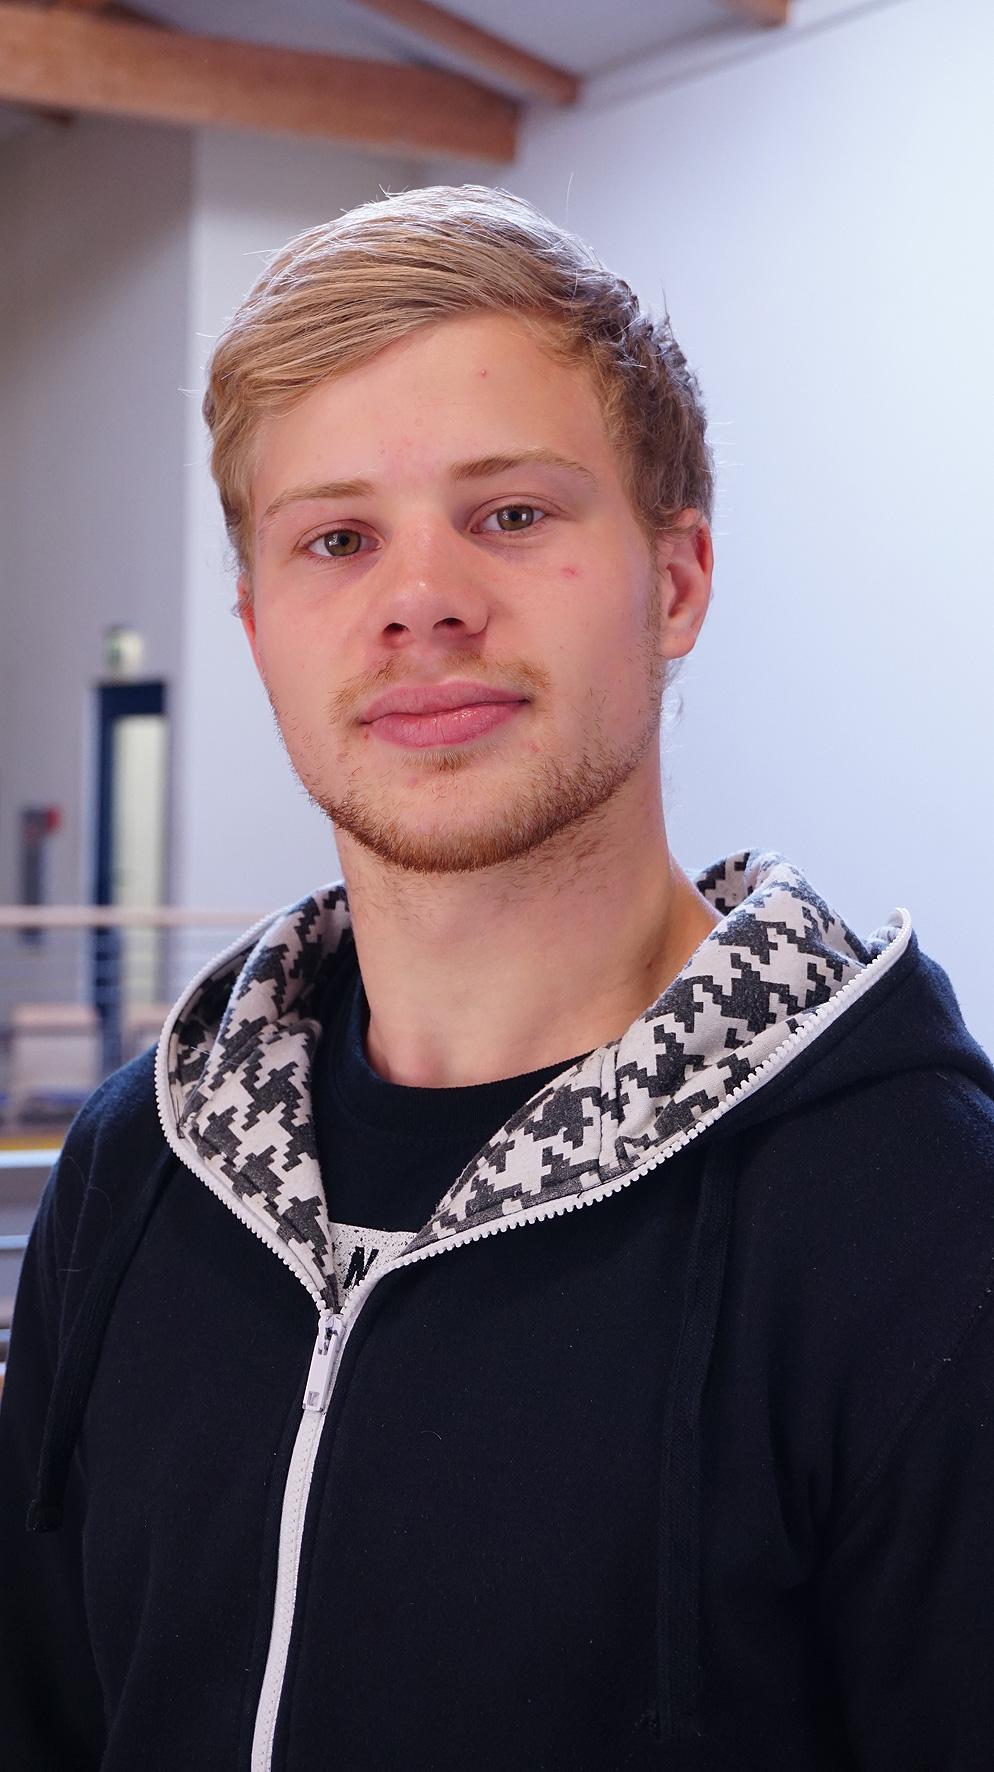 Nicolas Bauer